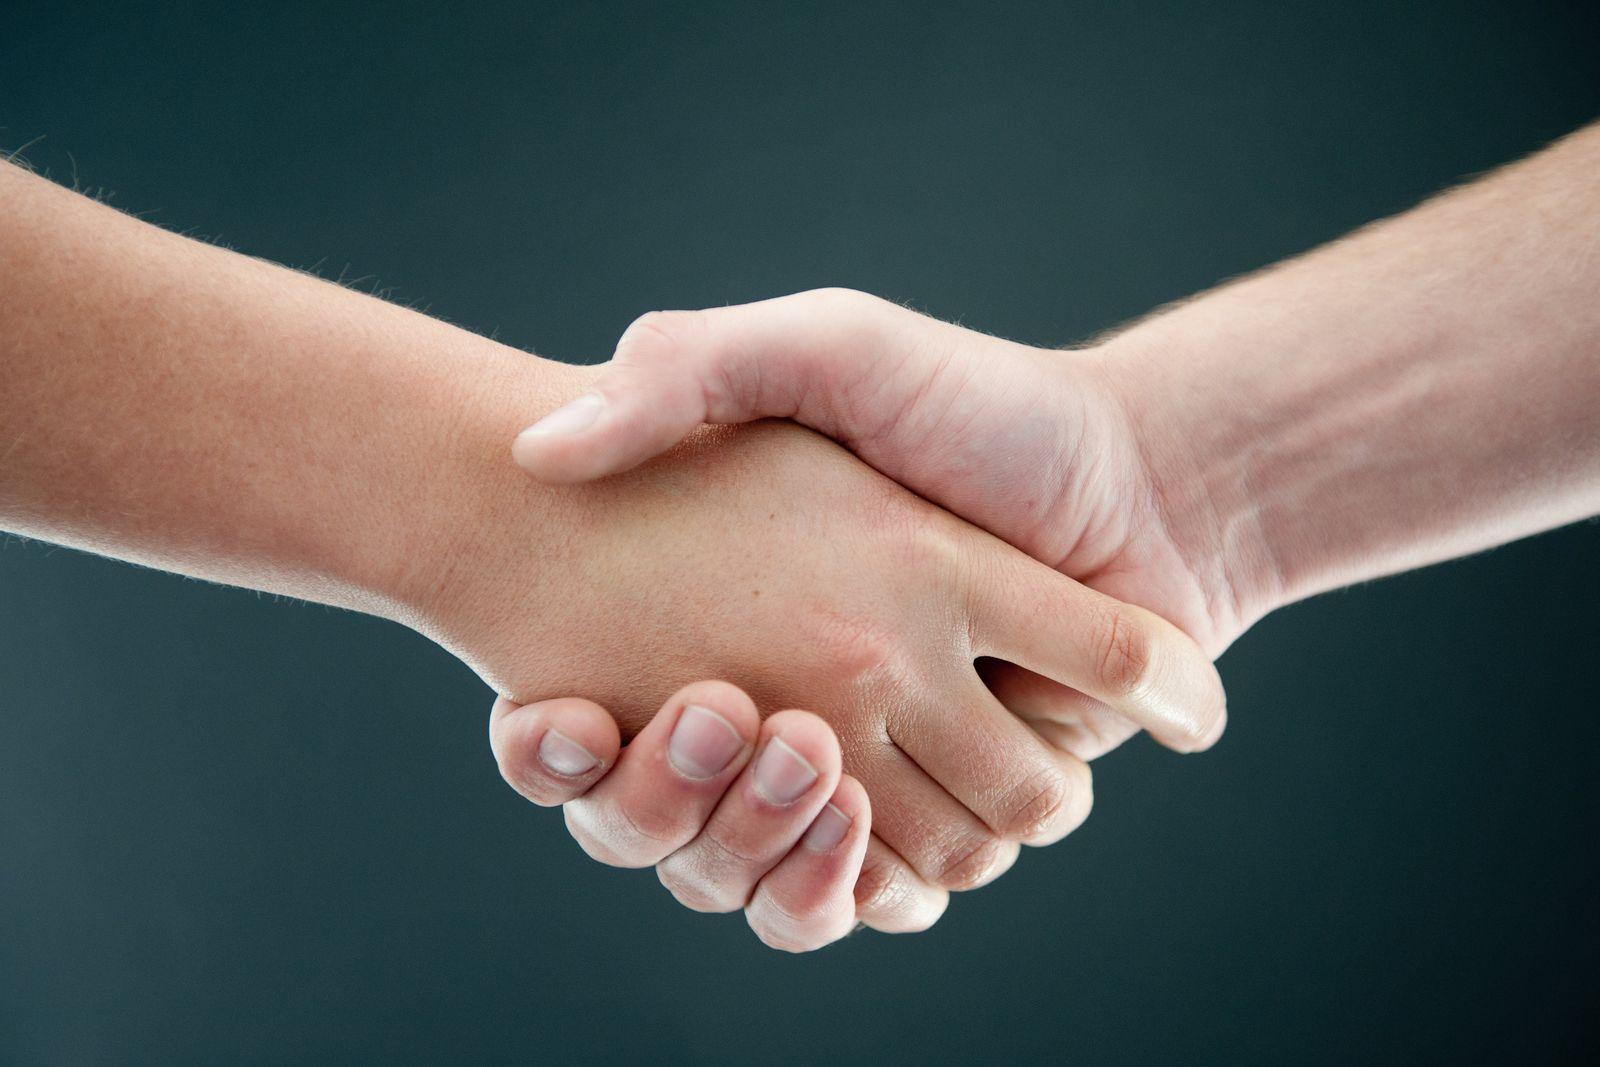 Freunde / Hände / Freundschaft